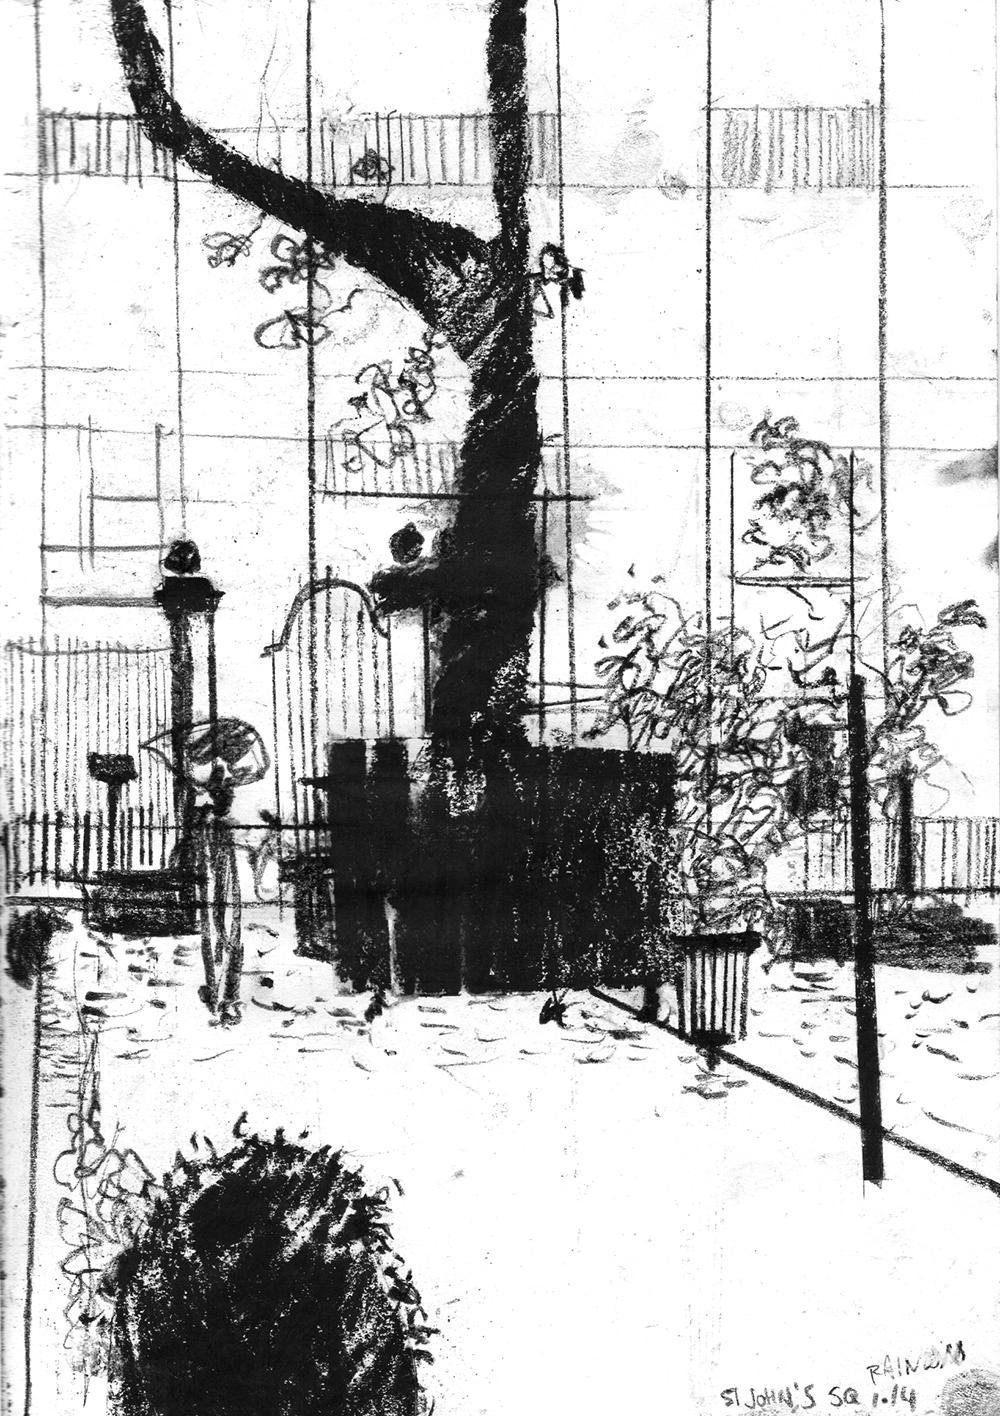 St. John Gardens